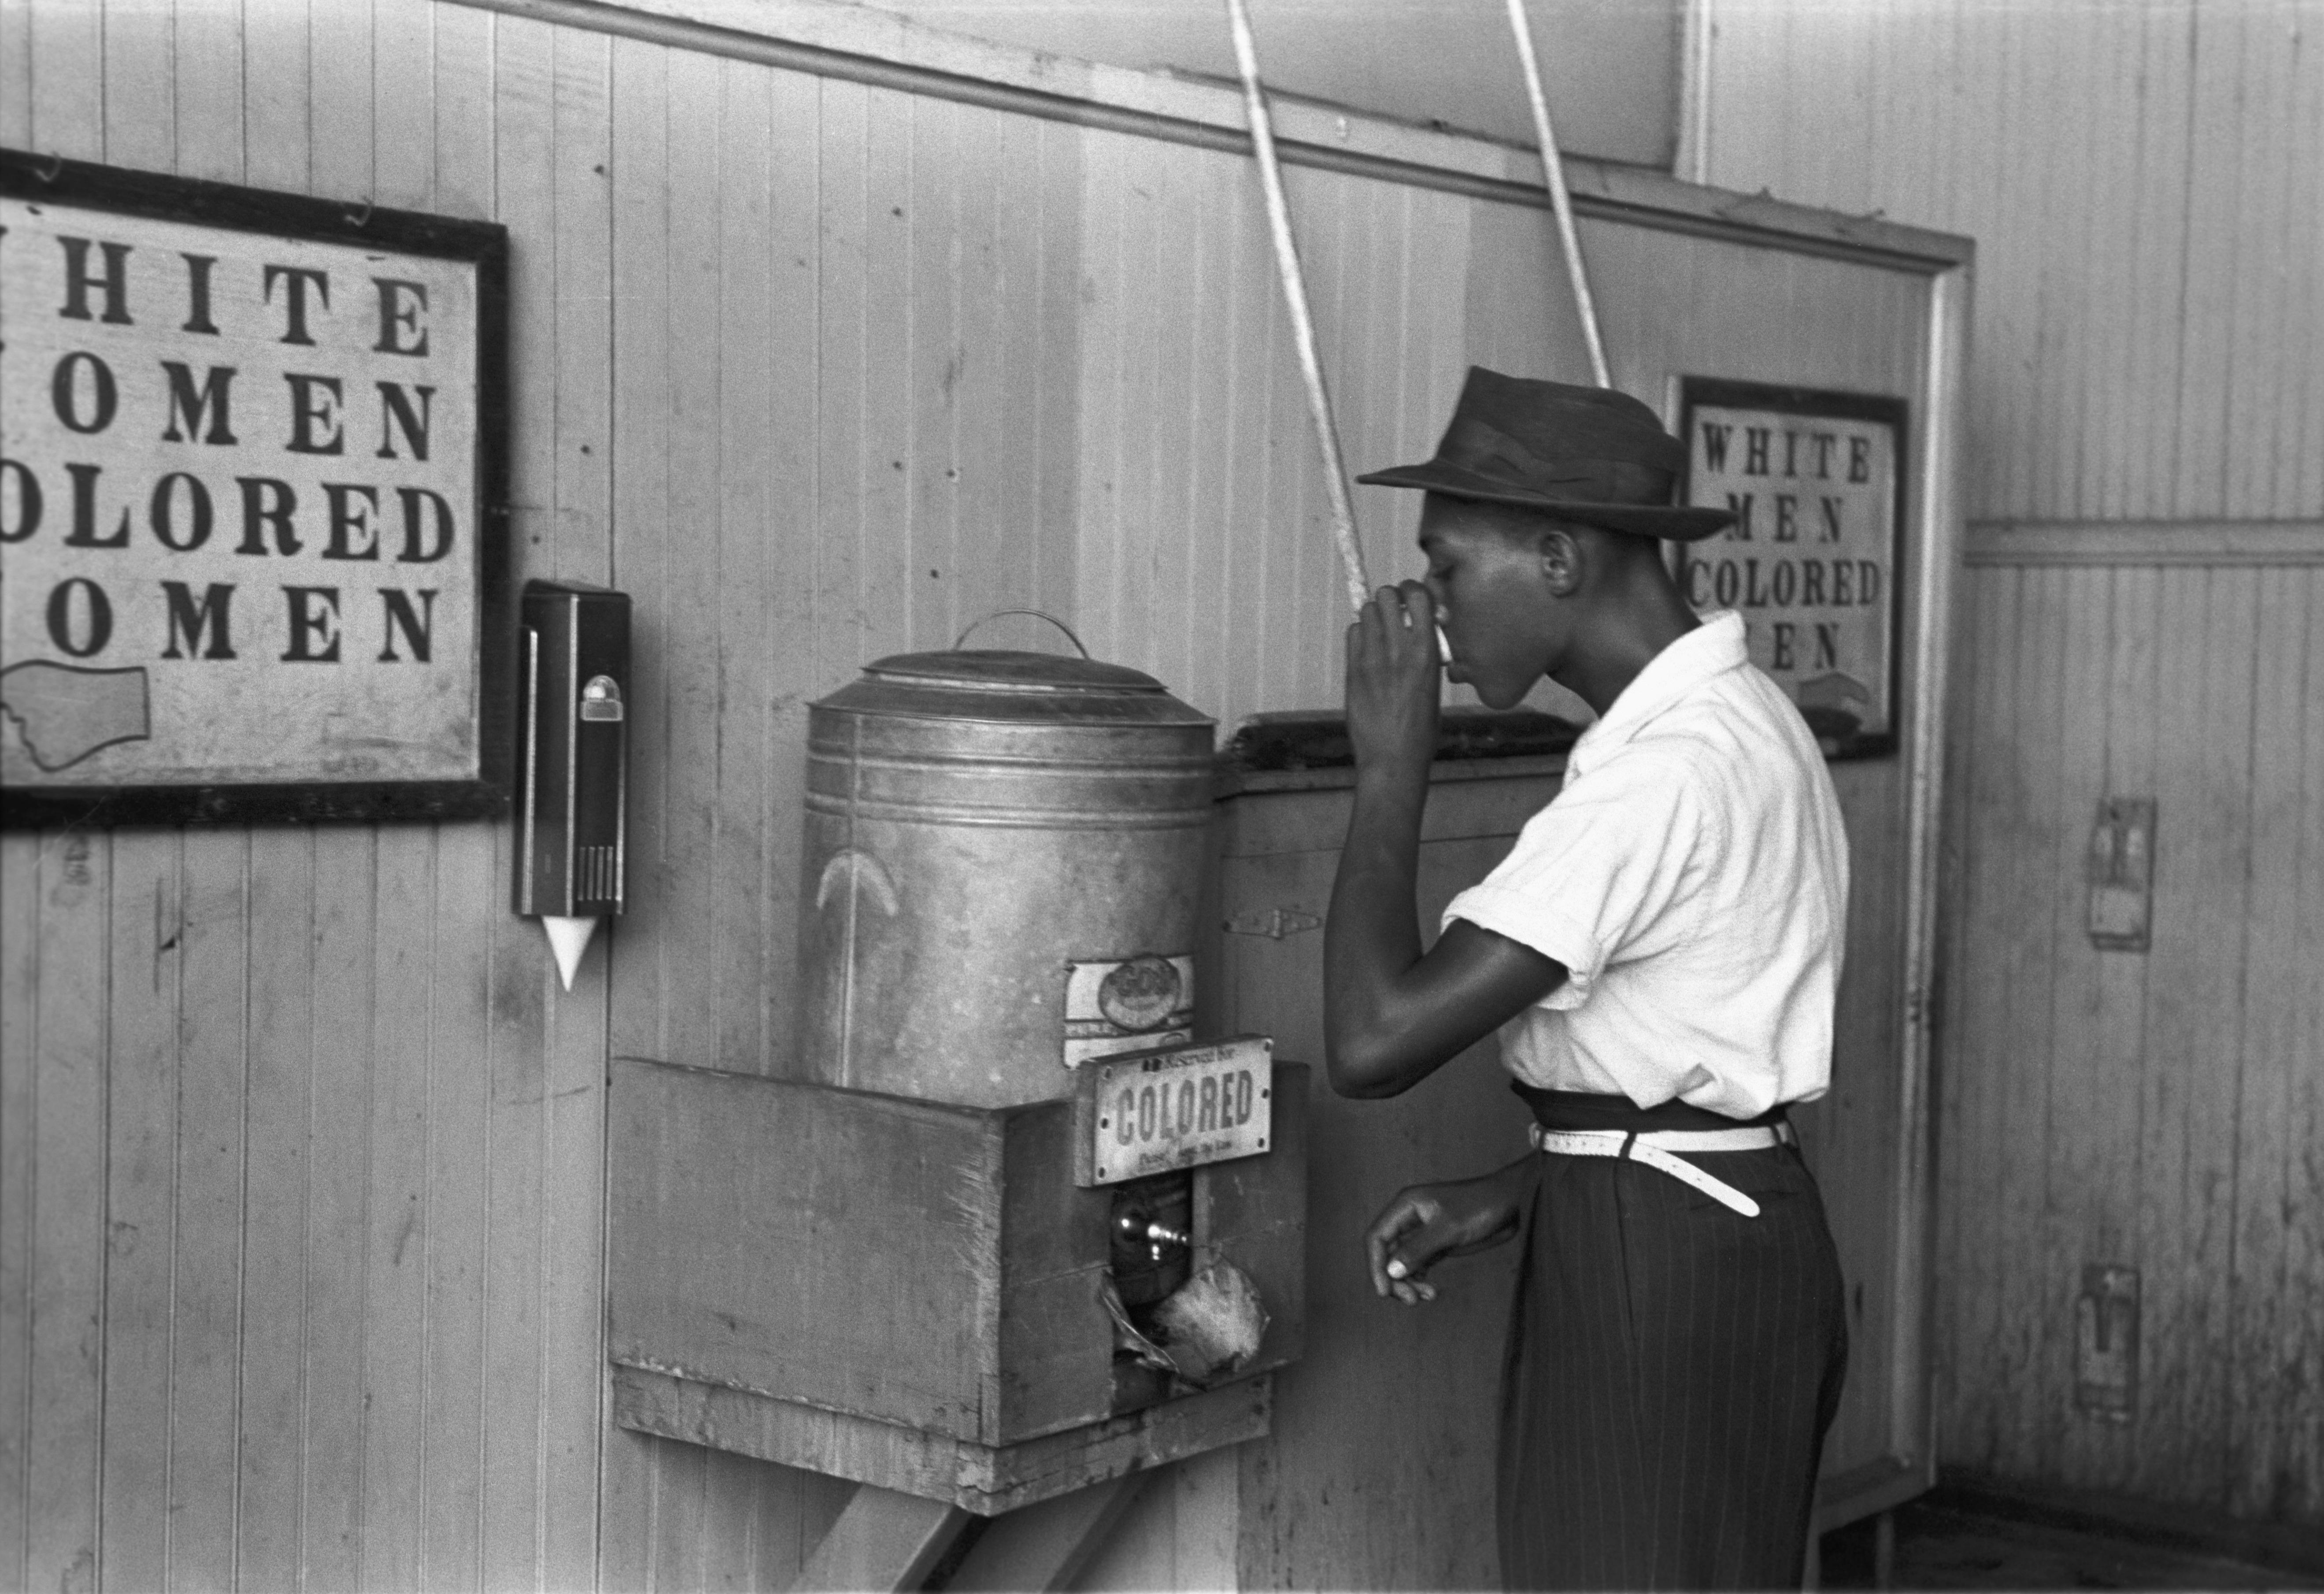 Gambar Hitam Dan Putih Amerika Serikat Satu Warna Foto Sejarah